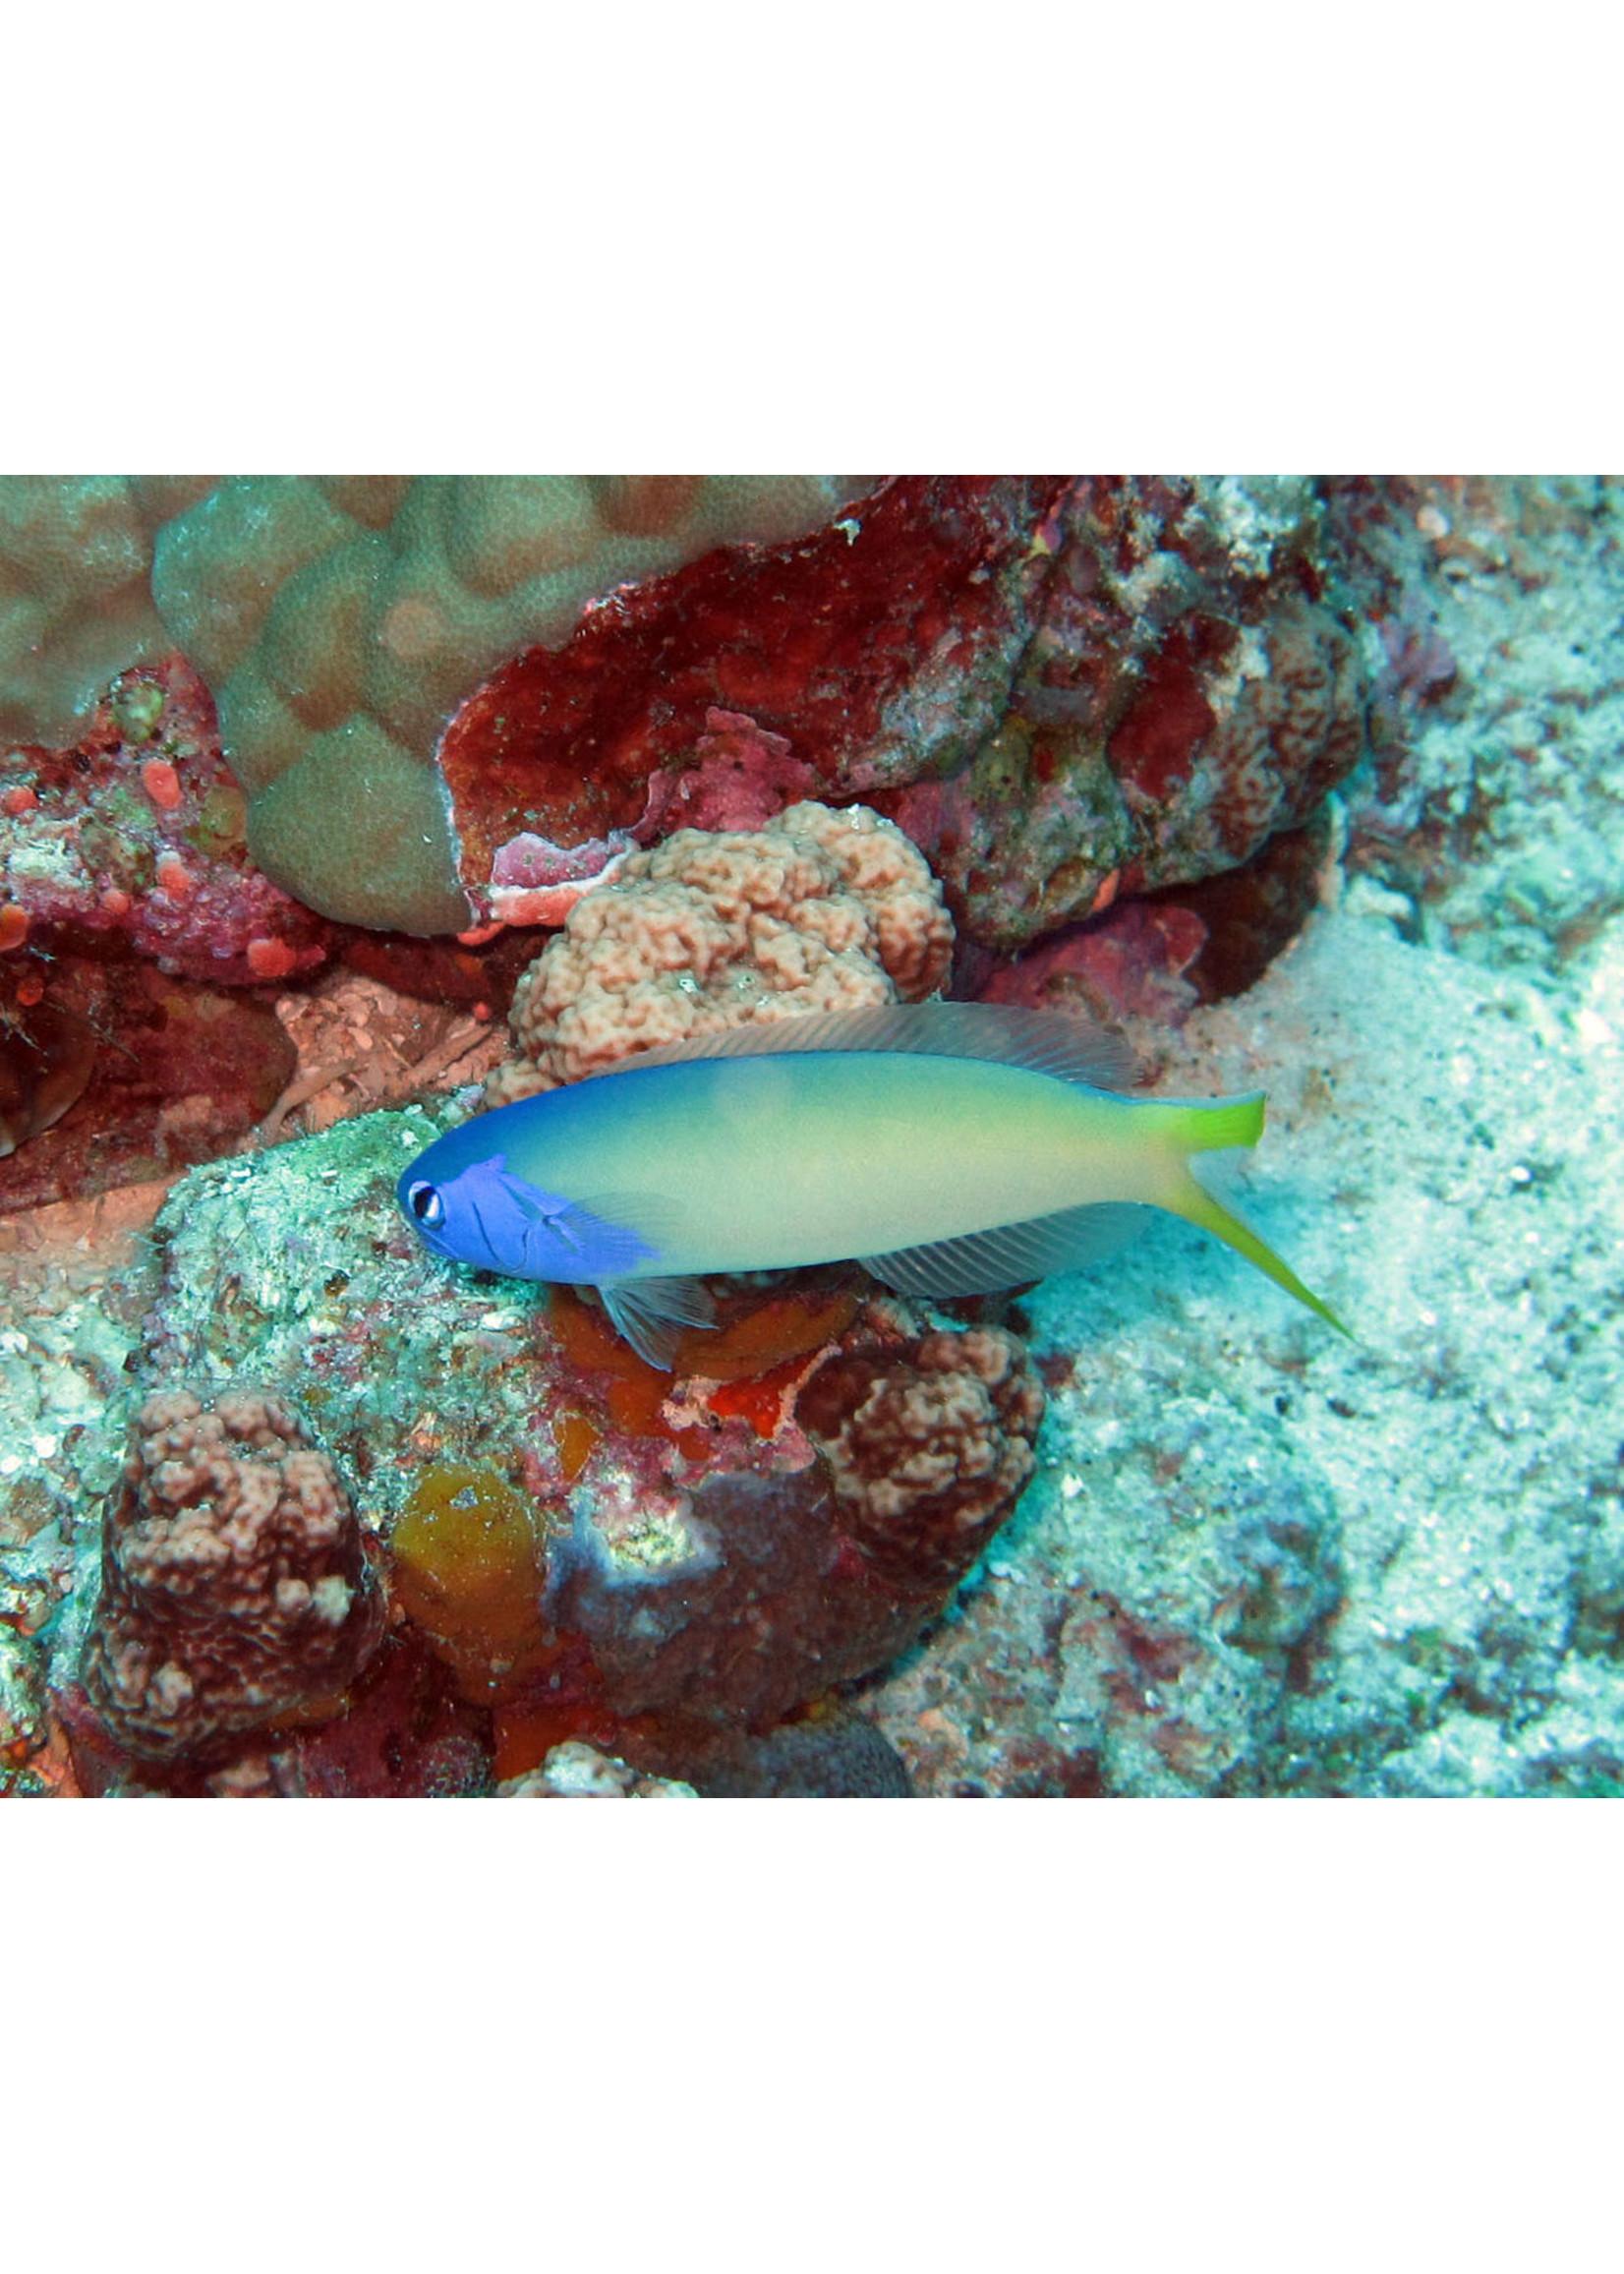 Dusky Tilefish